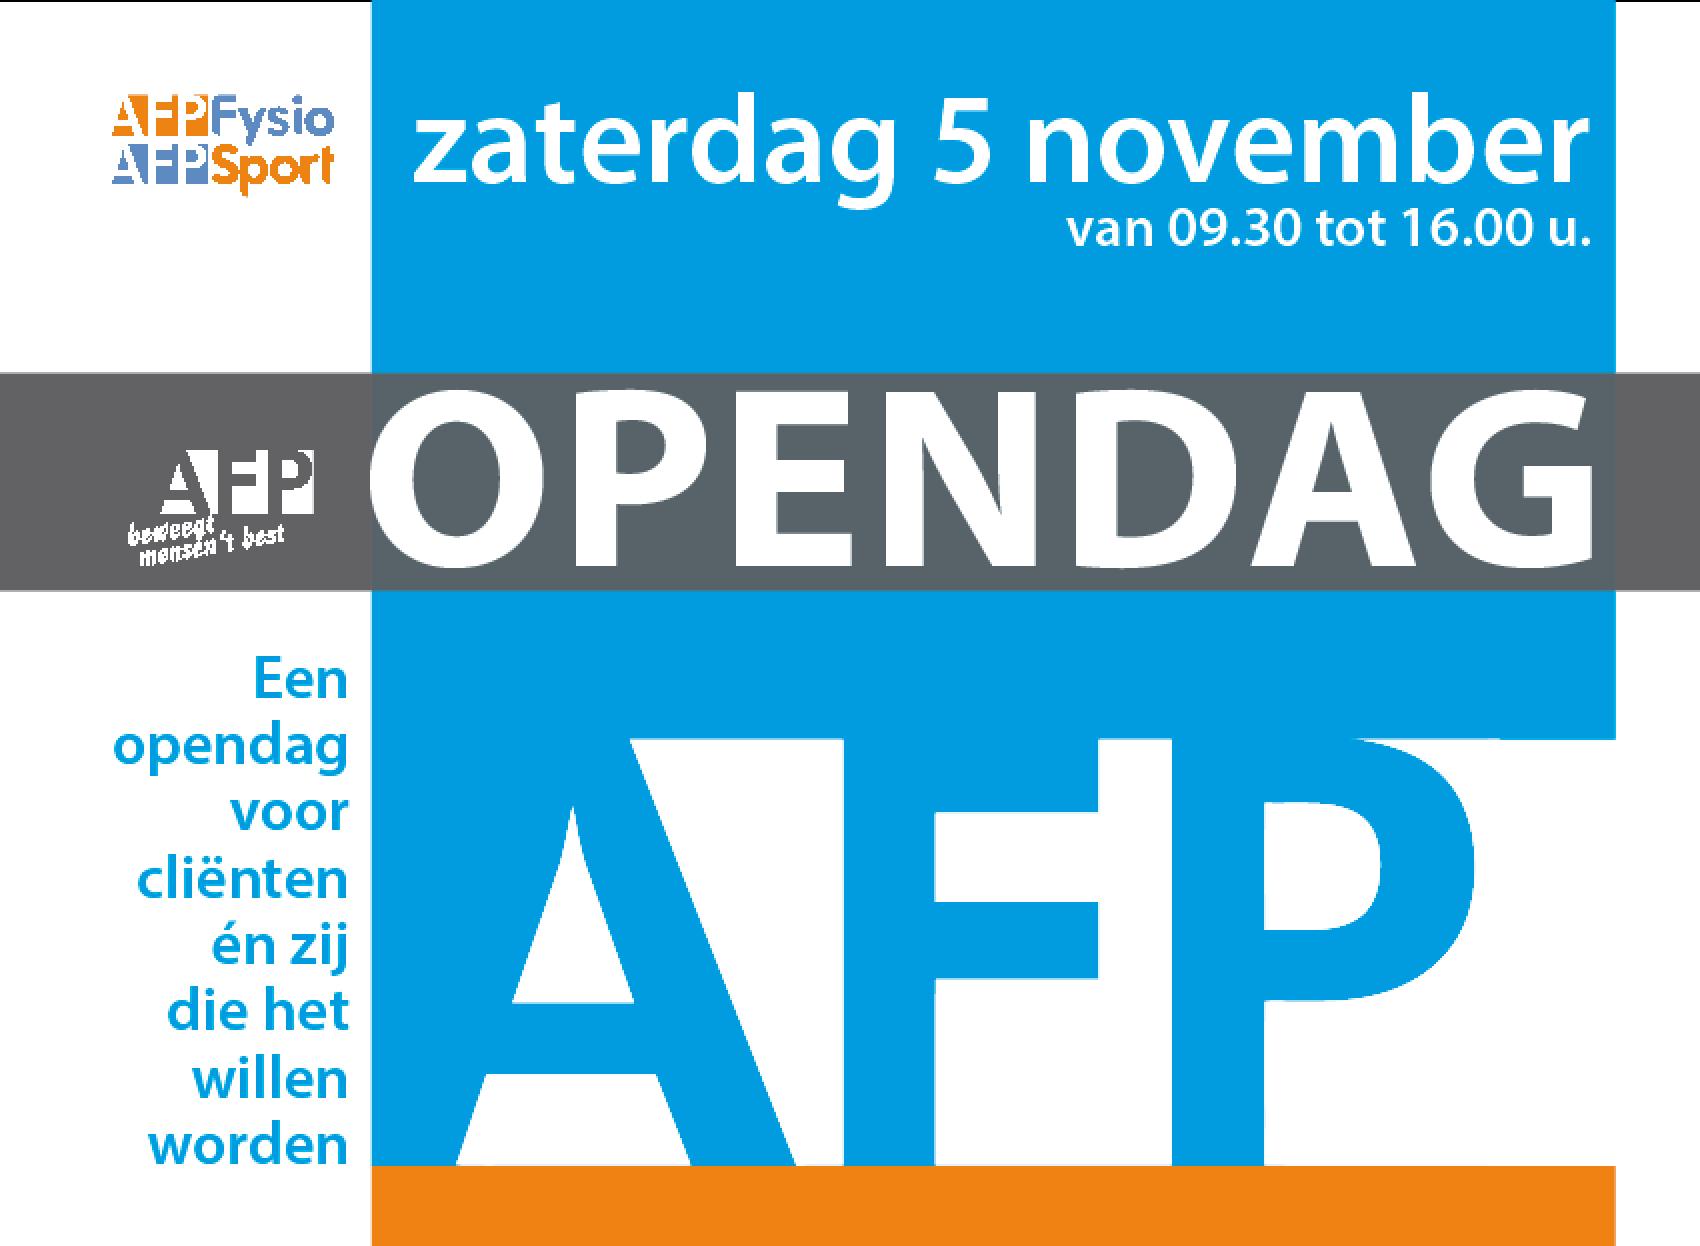 Geslaagde clinics tijdens de AFP opendag.